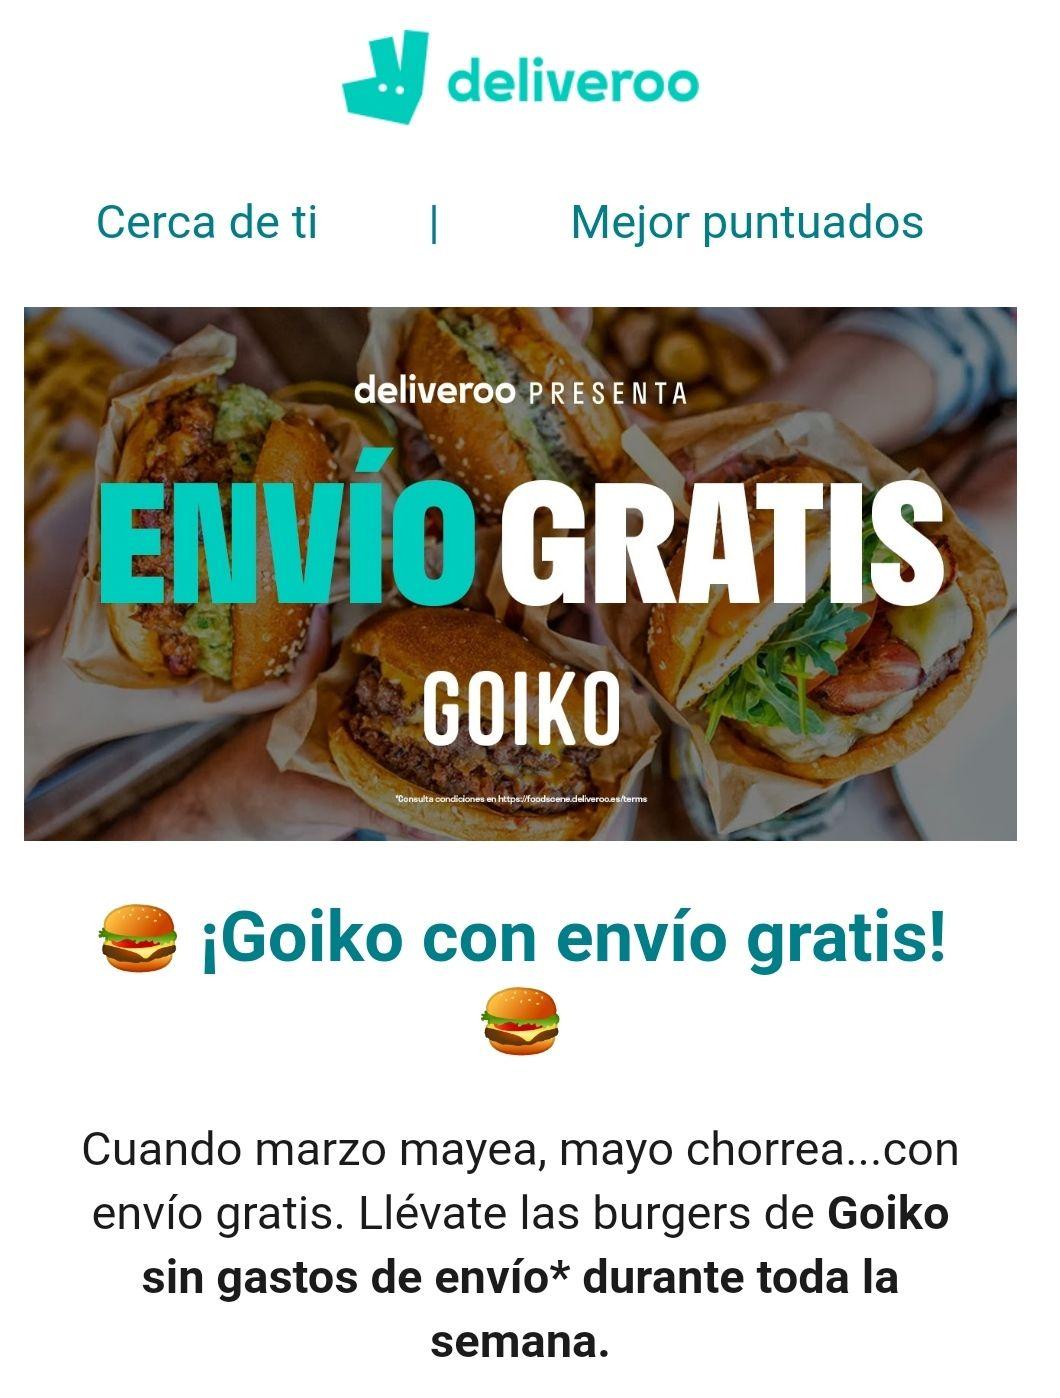 Envío gratis en Goiko con Deliveroo